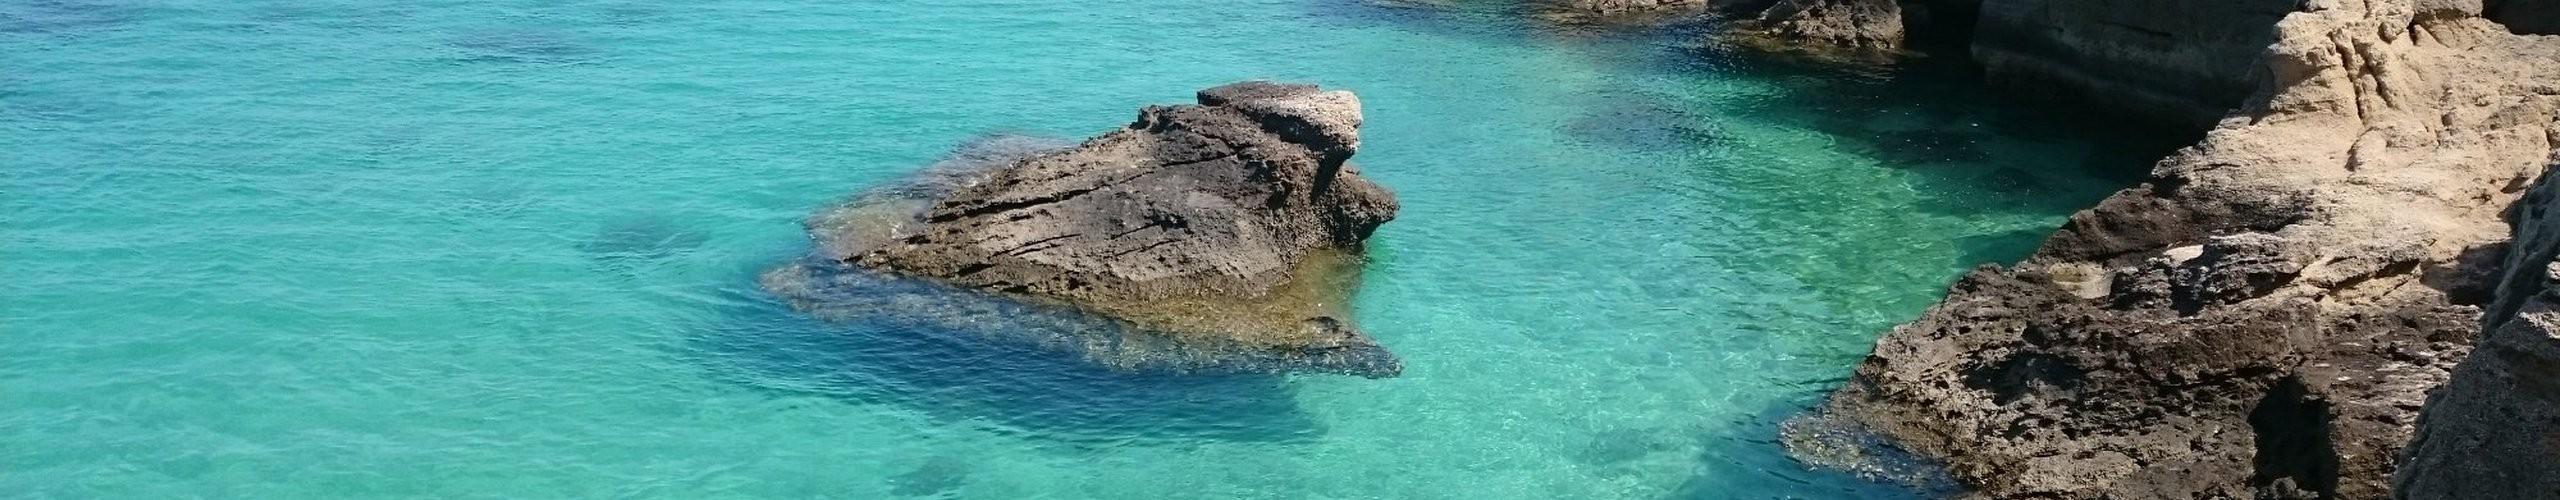 Hengam Island (2).jpg